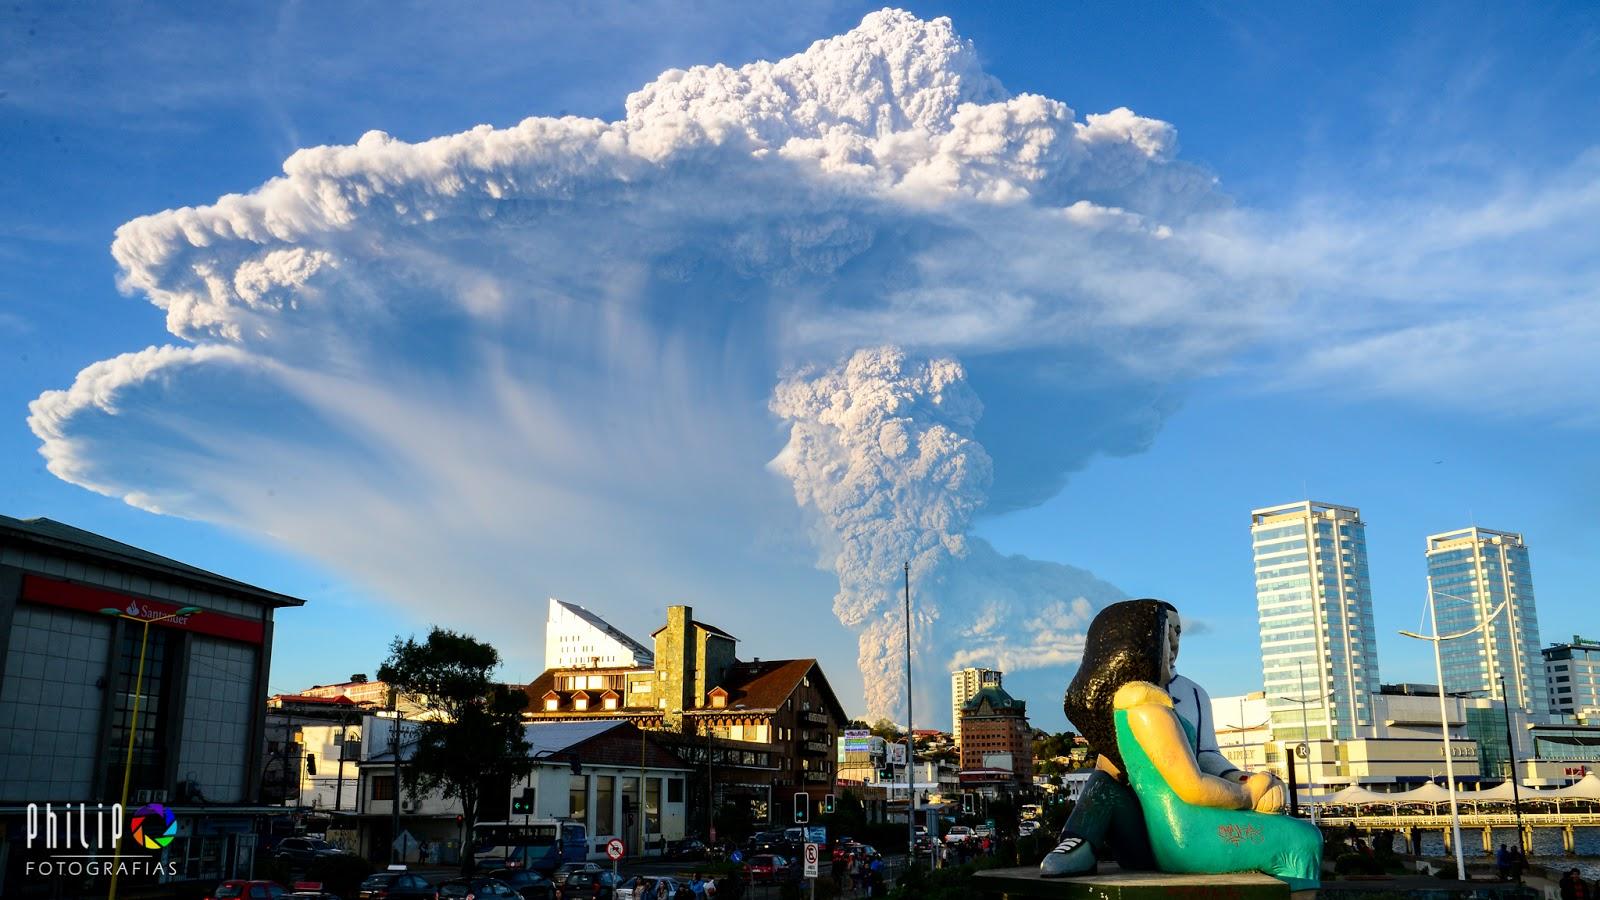 Núi lửa Calbuco phun trào vào ngày 22 tháng 4 năm 2015 vừa qua. Tác giả : Philip Oyarzo Calisto trên Flickr.